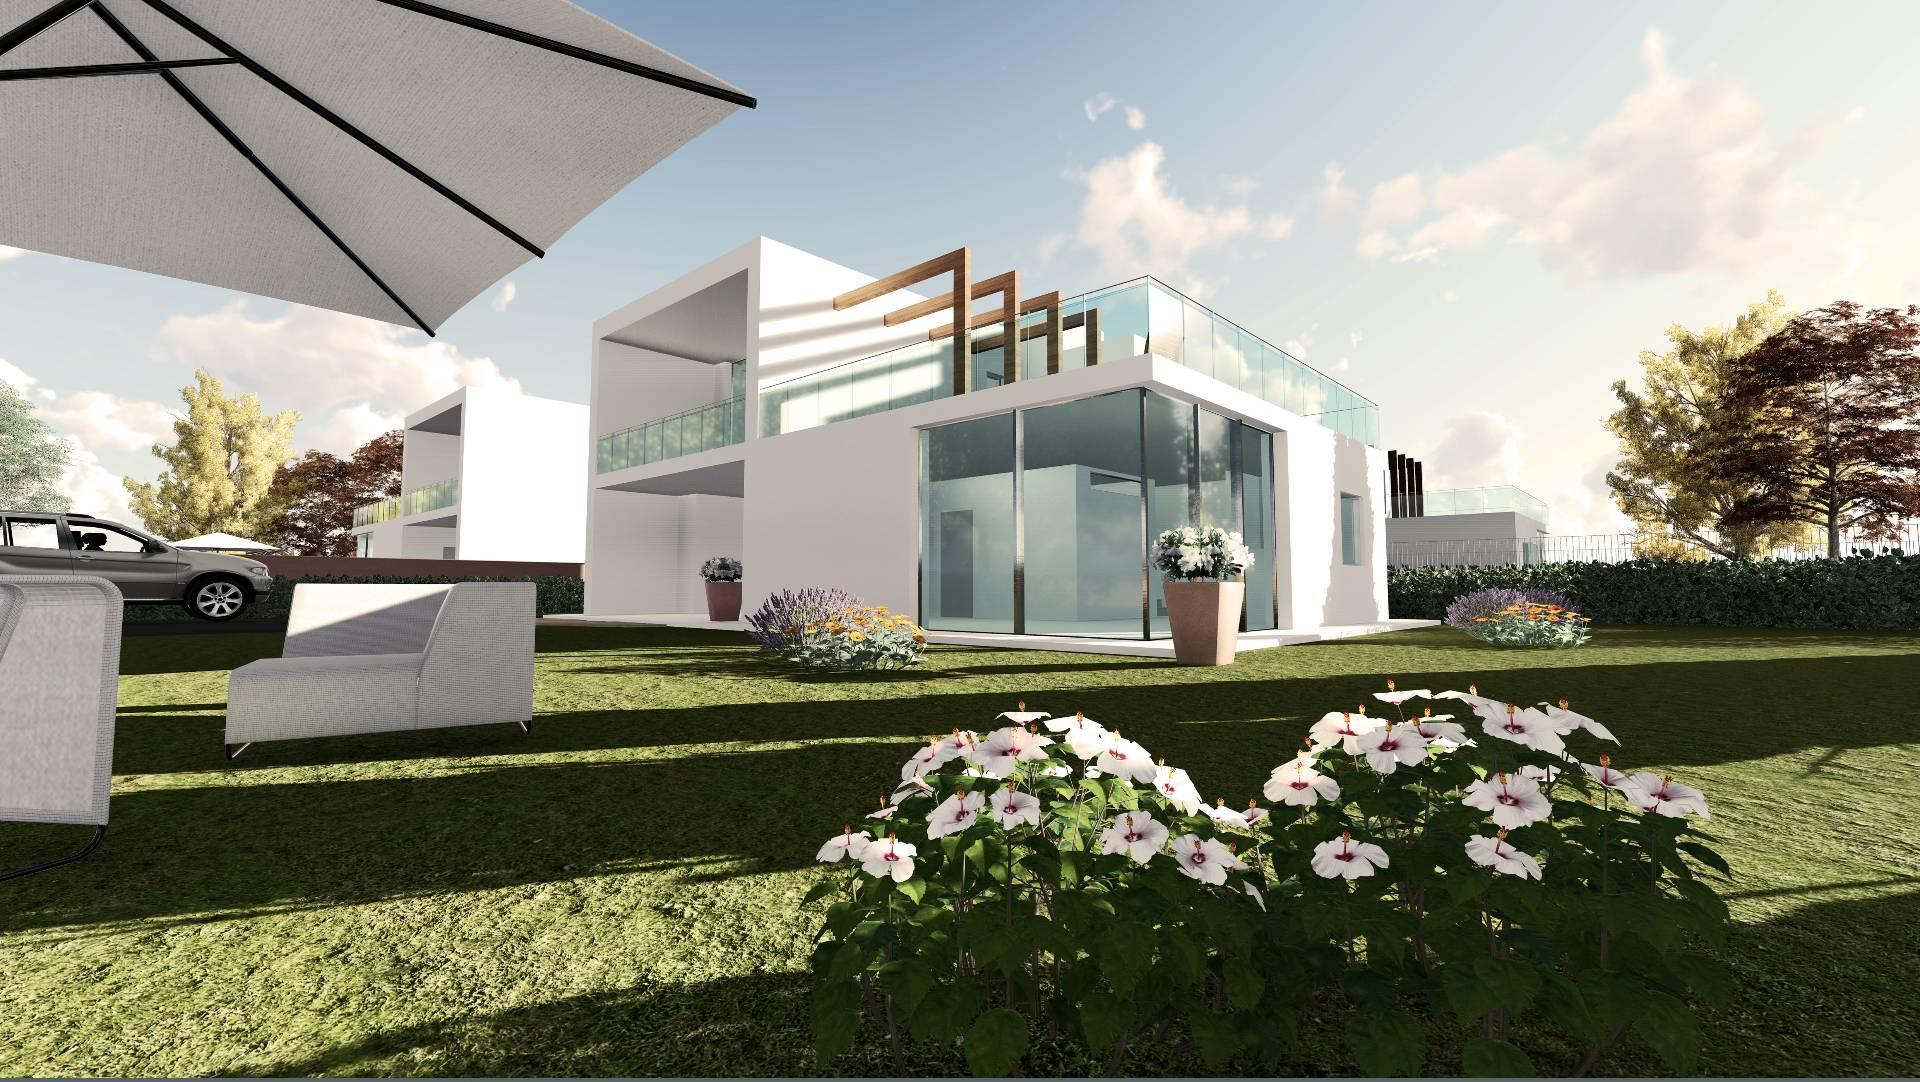 Ufficio Moderno Viterbo : Cbi006 147 17 villa singola in vendita a viterbo s.barbara